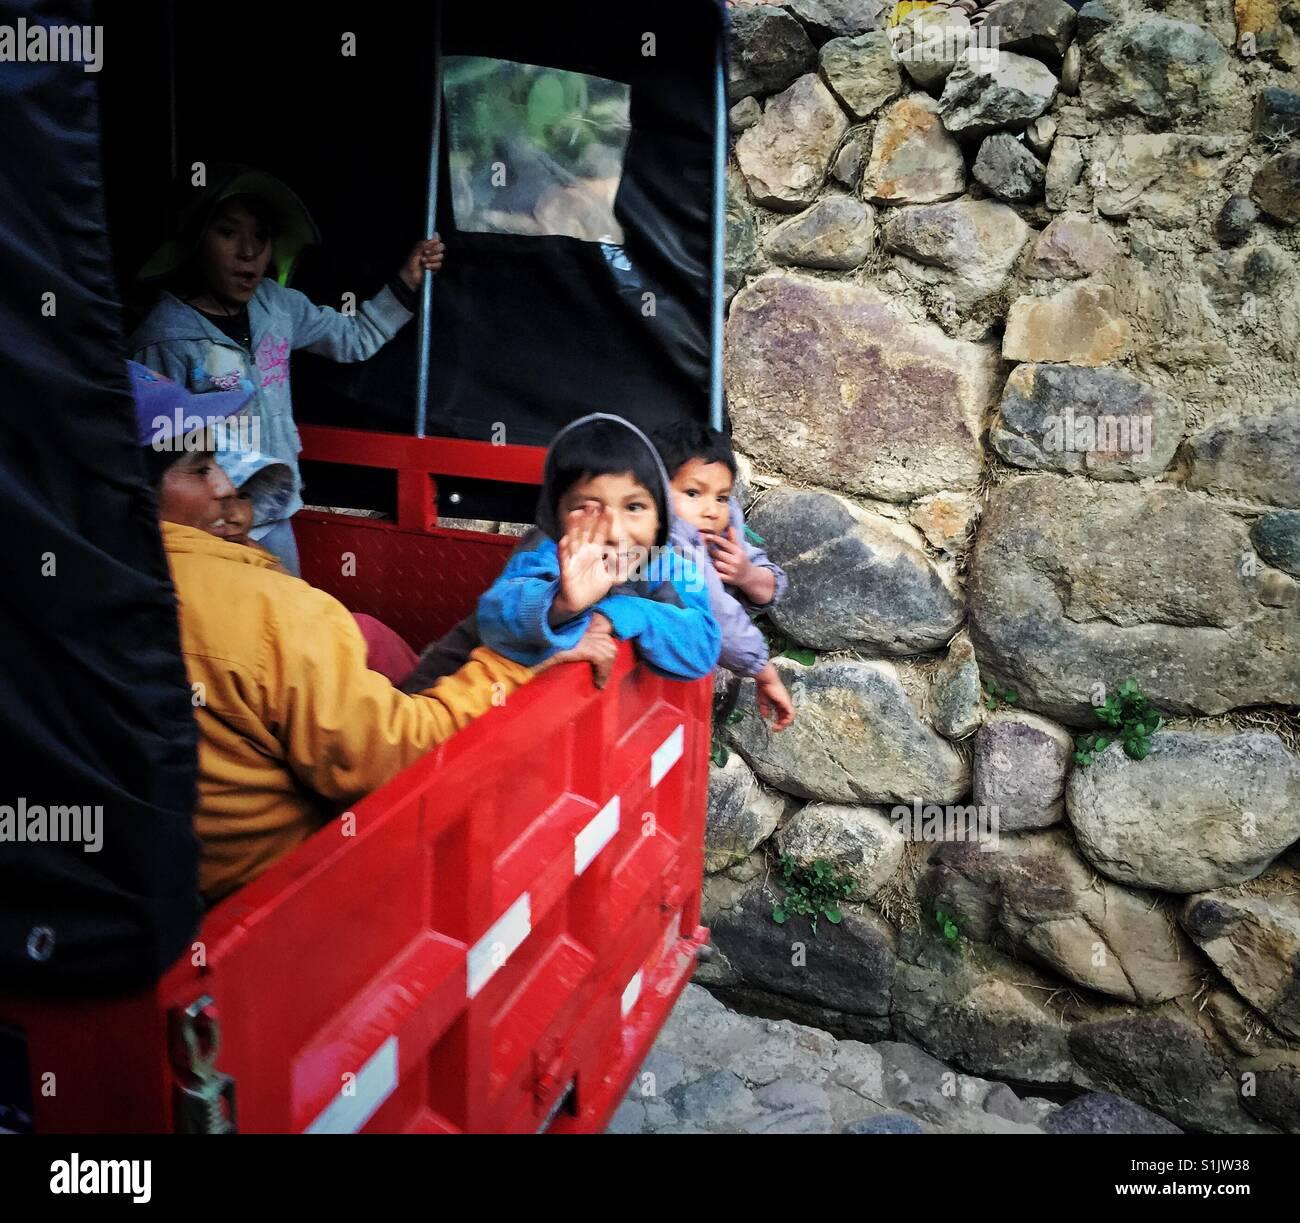 Roten Pickup-Truck voller Kinder auf einer schmalen Straße von Olantaytambo in der Region Cusco in Peru Stockbild